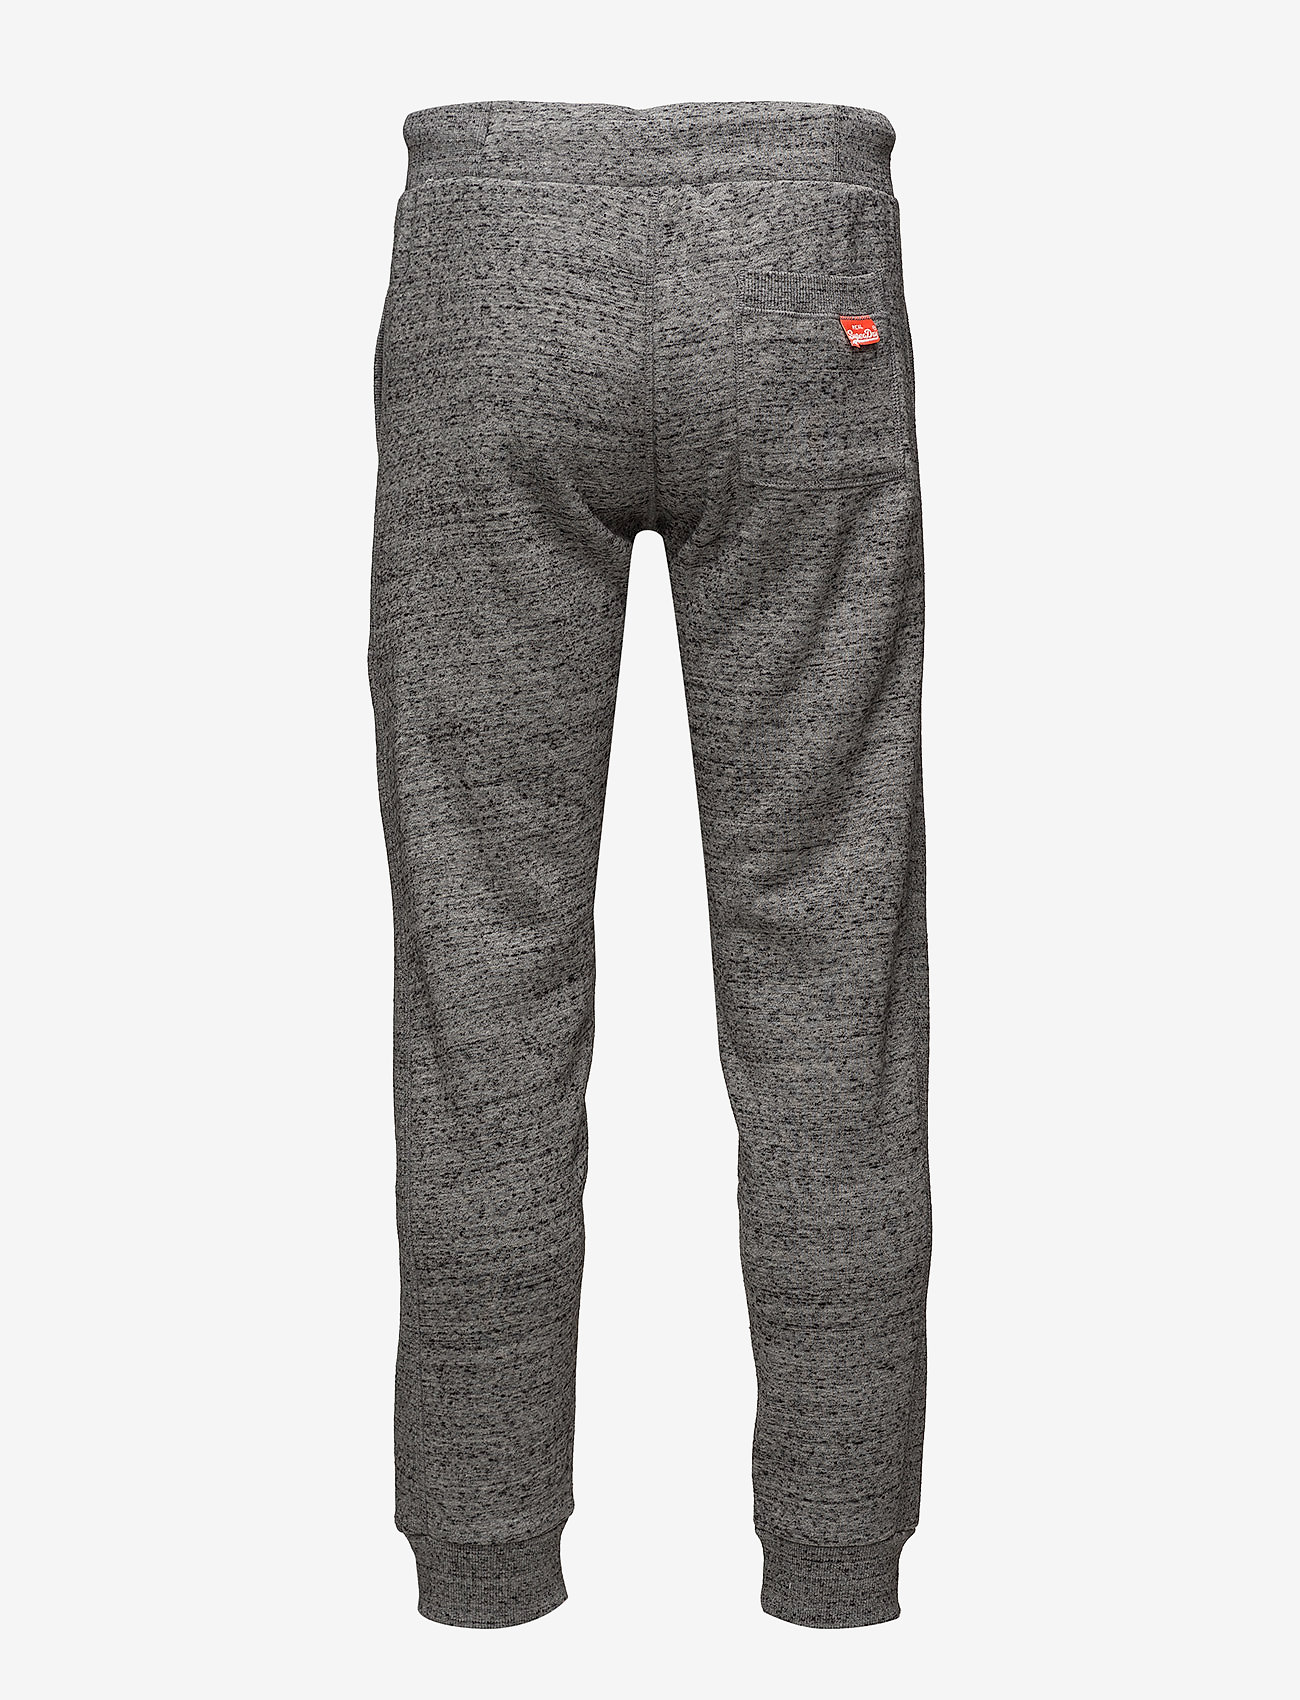 Superdry - ORANGE LABEL JOGGER - pants - flint grey grit - 1